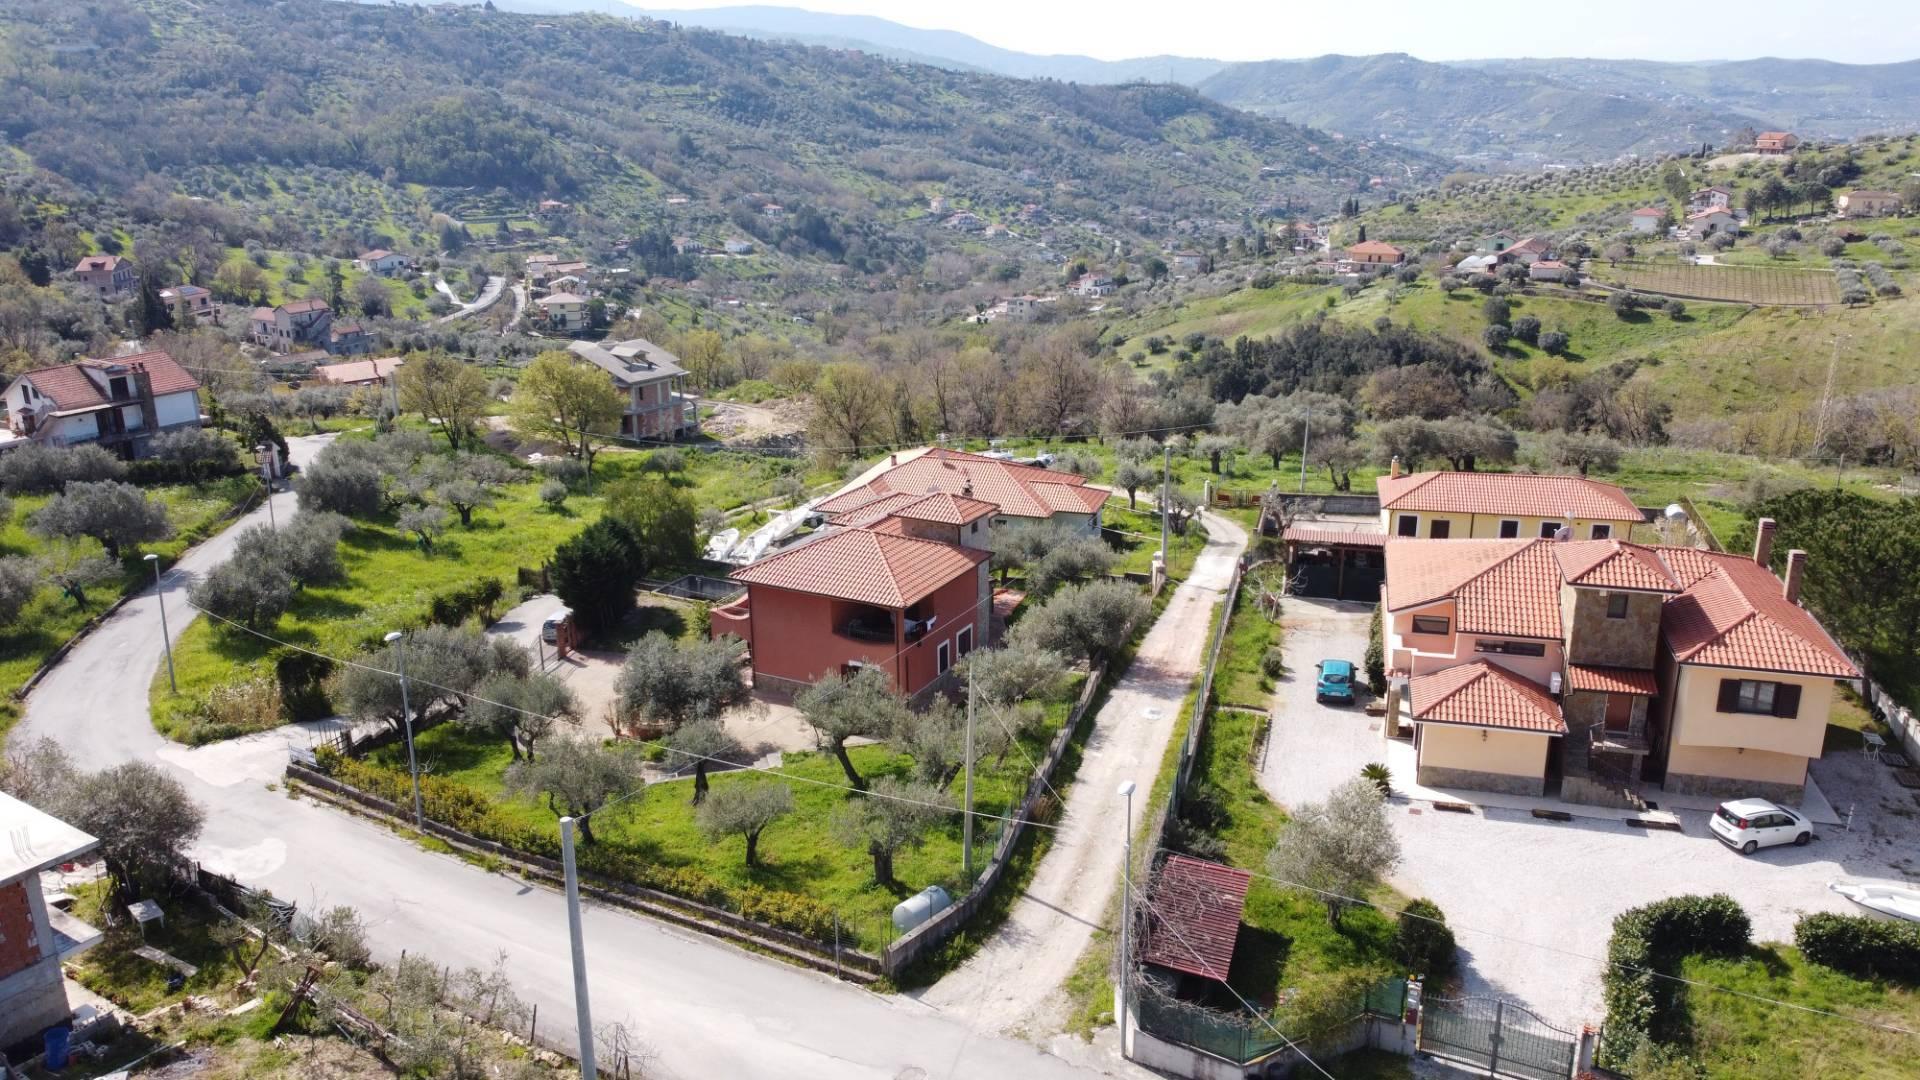 Villa in vendita a Agropoli, 11 locali, prezzo € 390.000 | CambioCasa.it